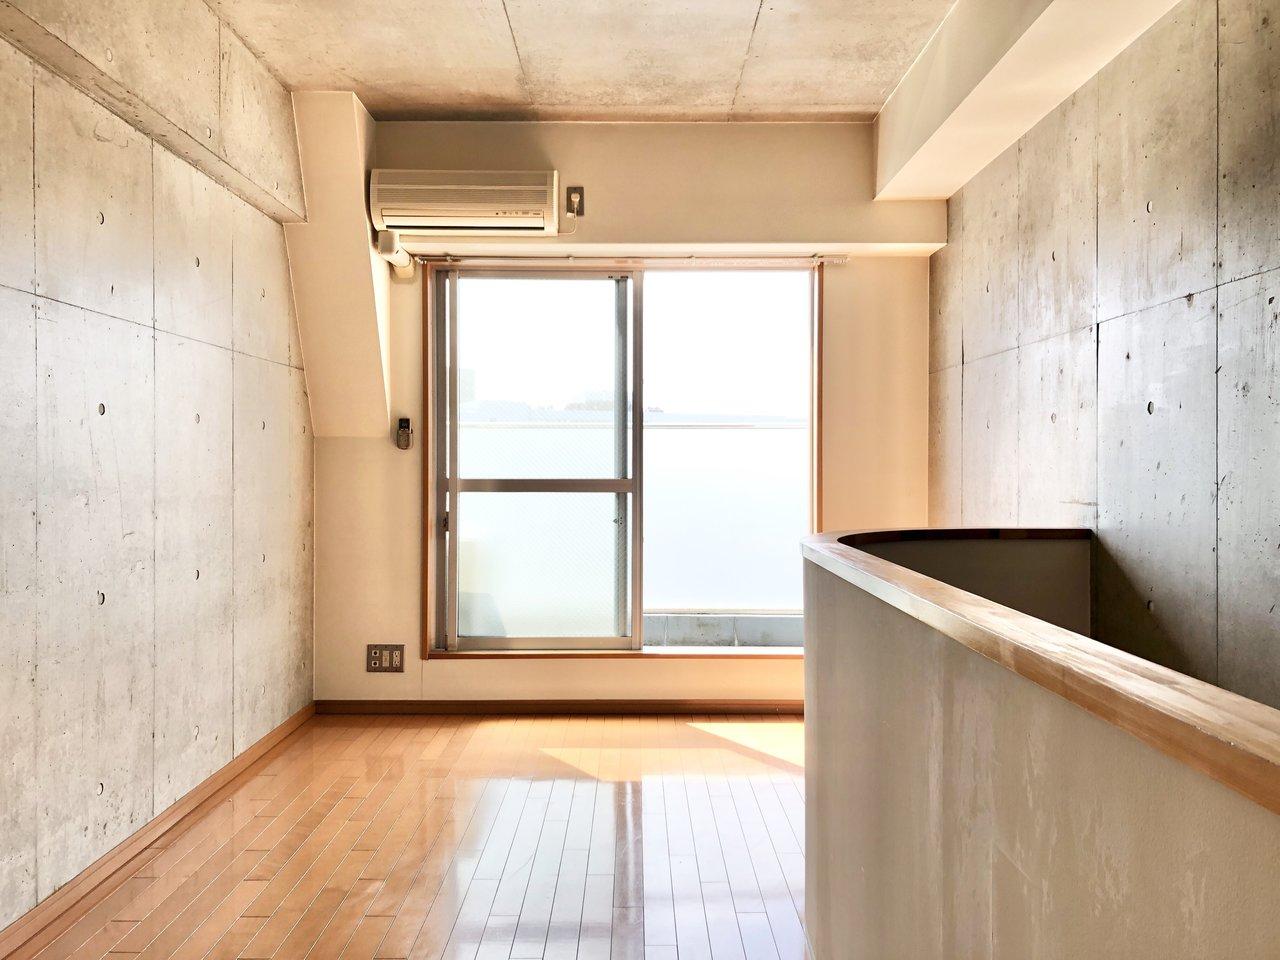 水回りと寝室は2階にありました。7.9畳あるので、かなり広々。南向きの窓なので明るい陽射しが降り注ぎます。